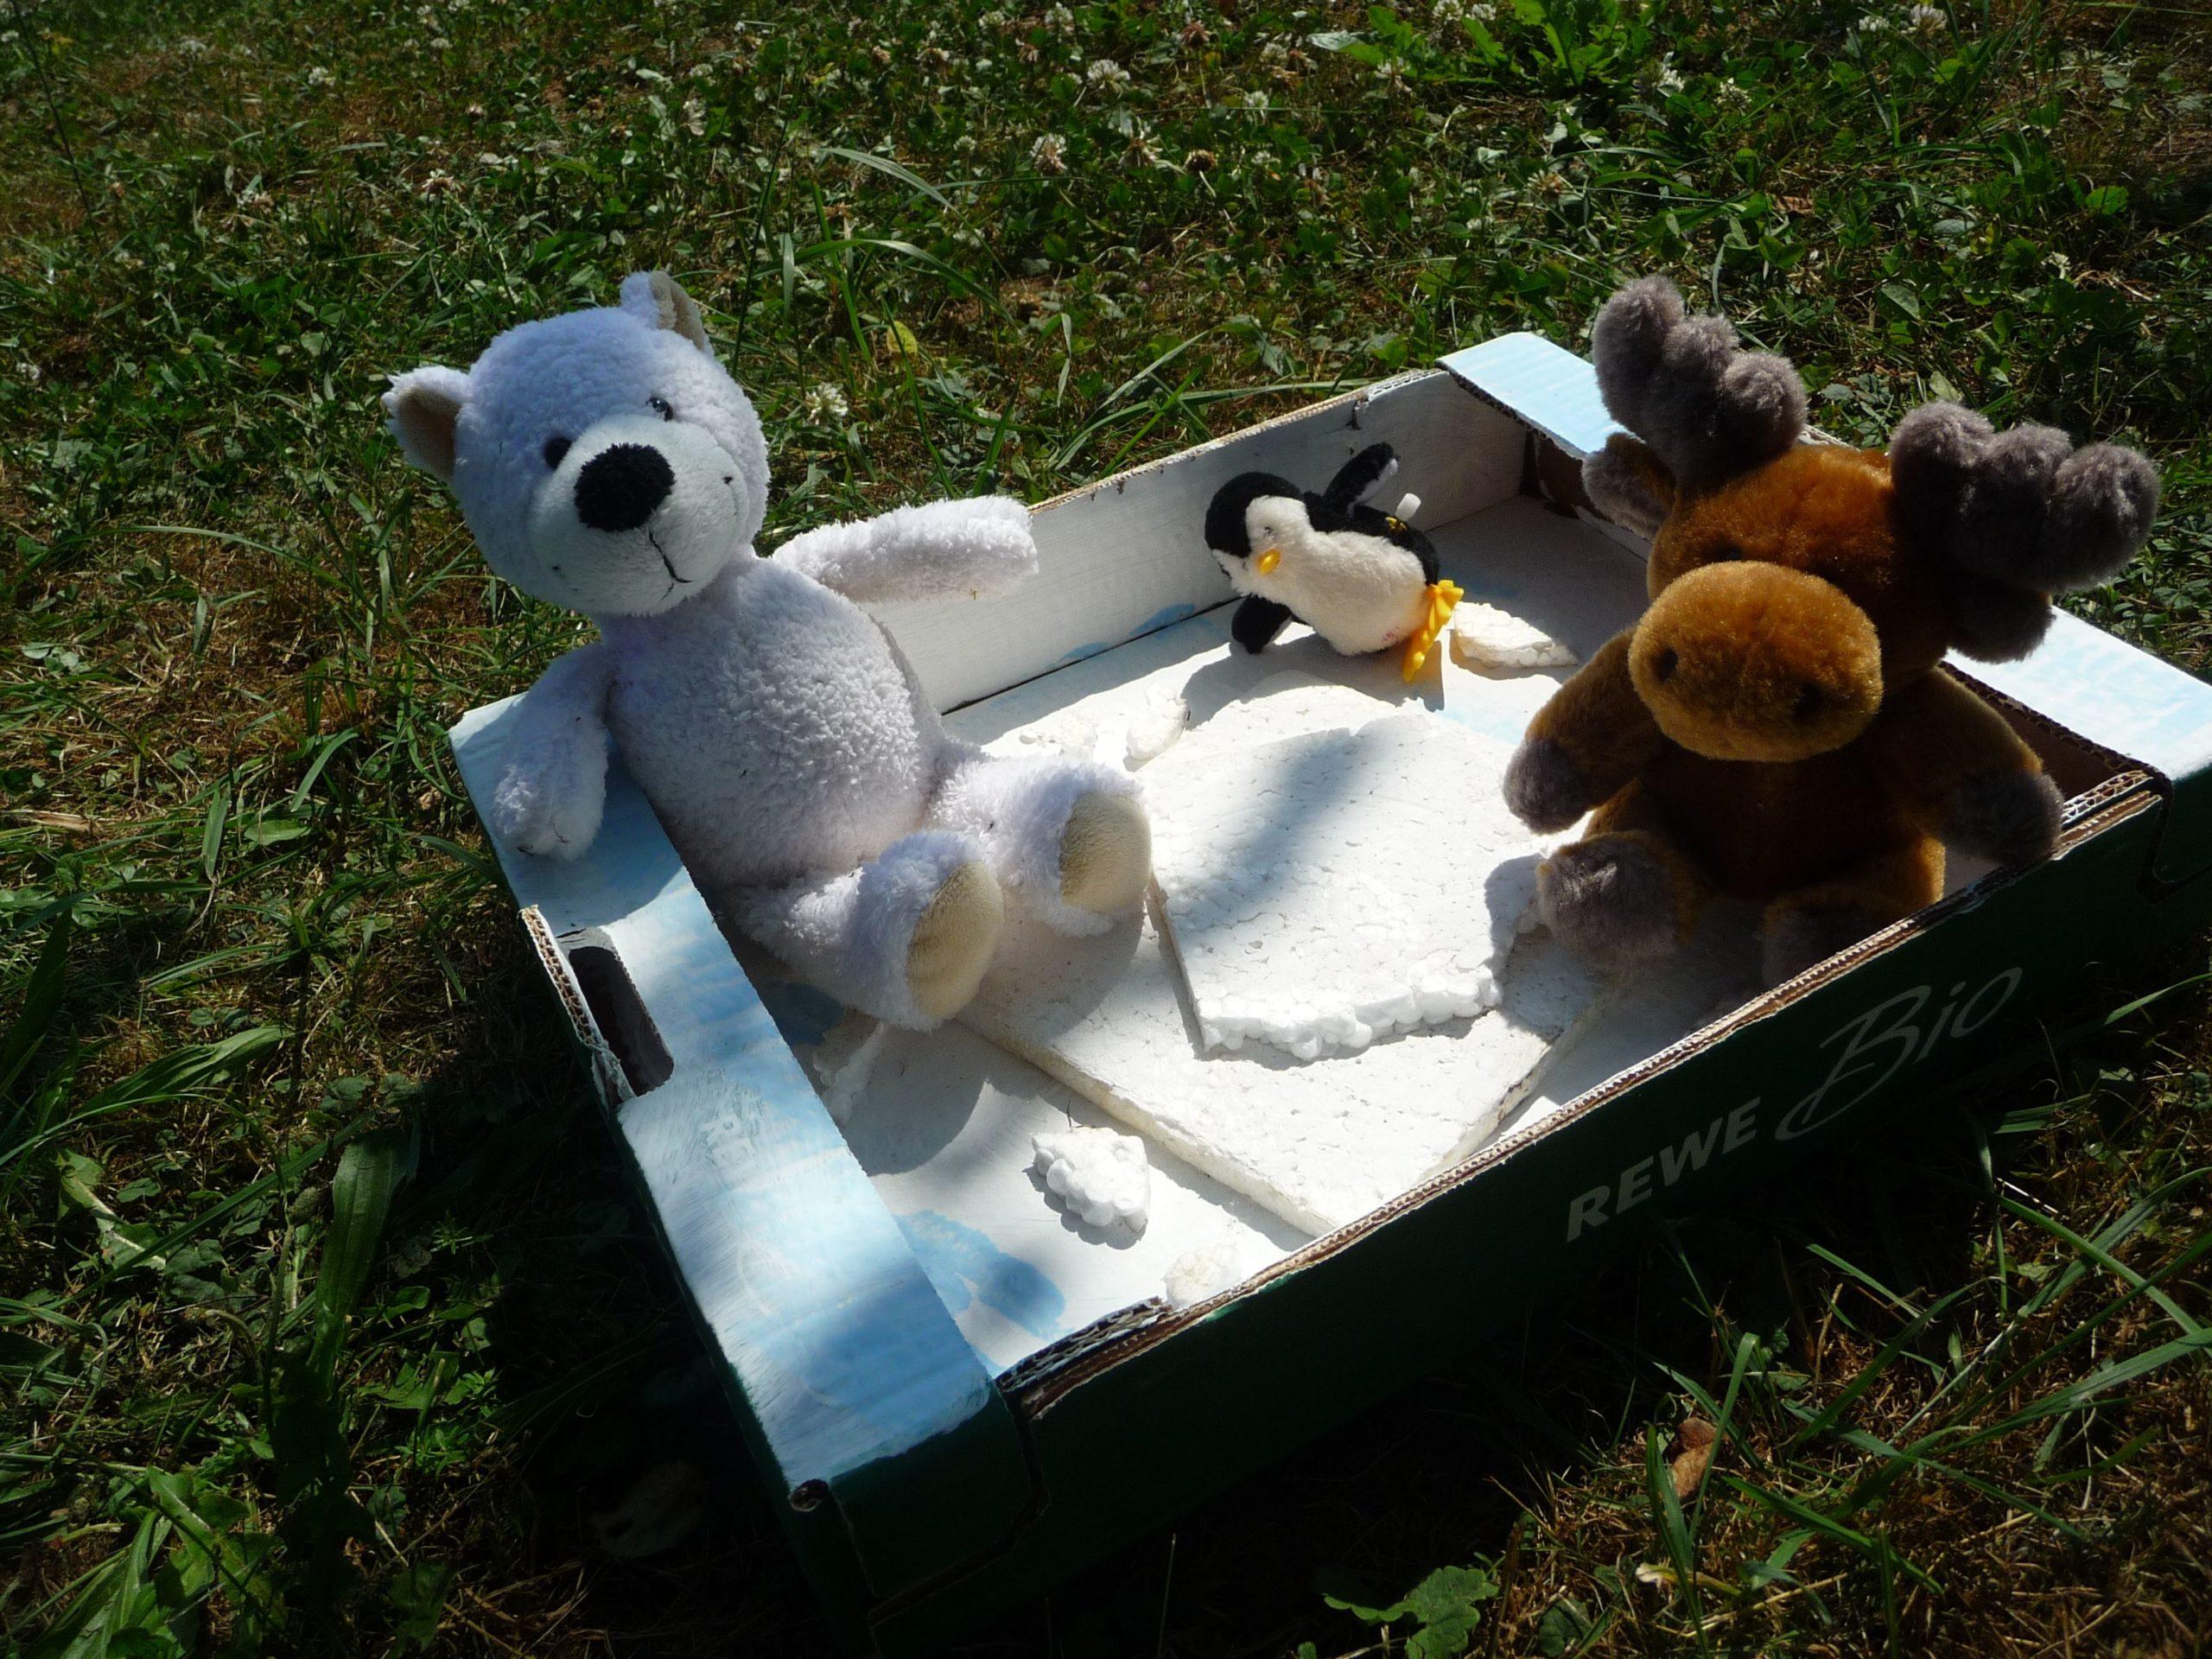 Eine Box mit verschiedenen Stofftieren, ein Bär, ein Pinguin und ein Elch